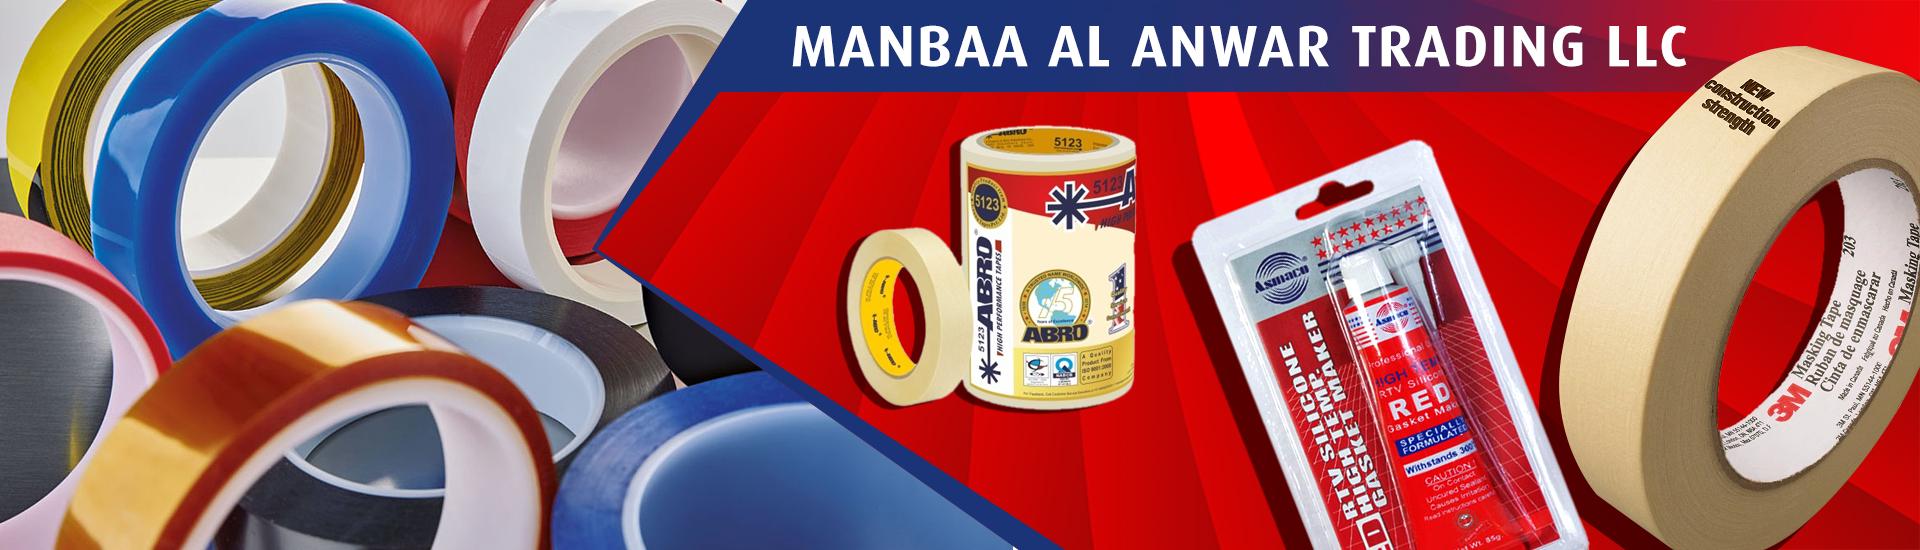 MANBAA AL ANWAR TRADING LLC